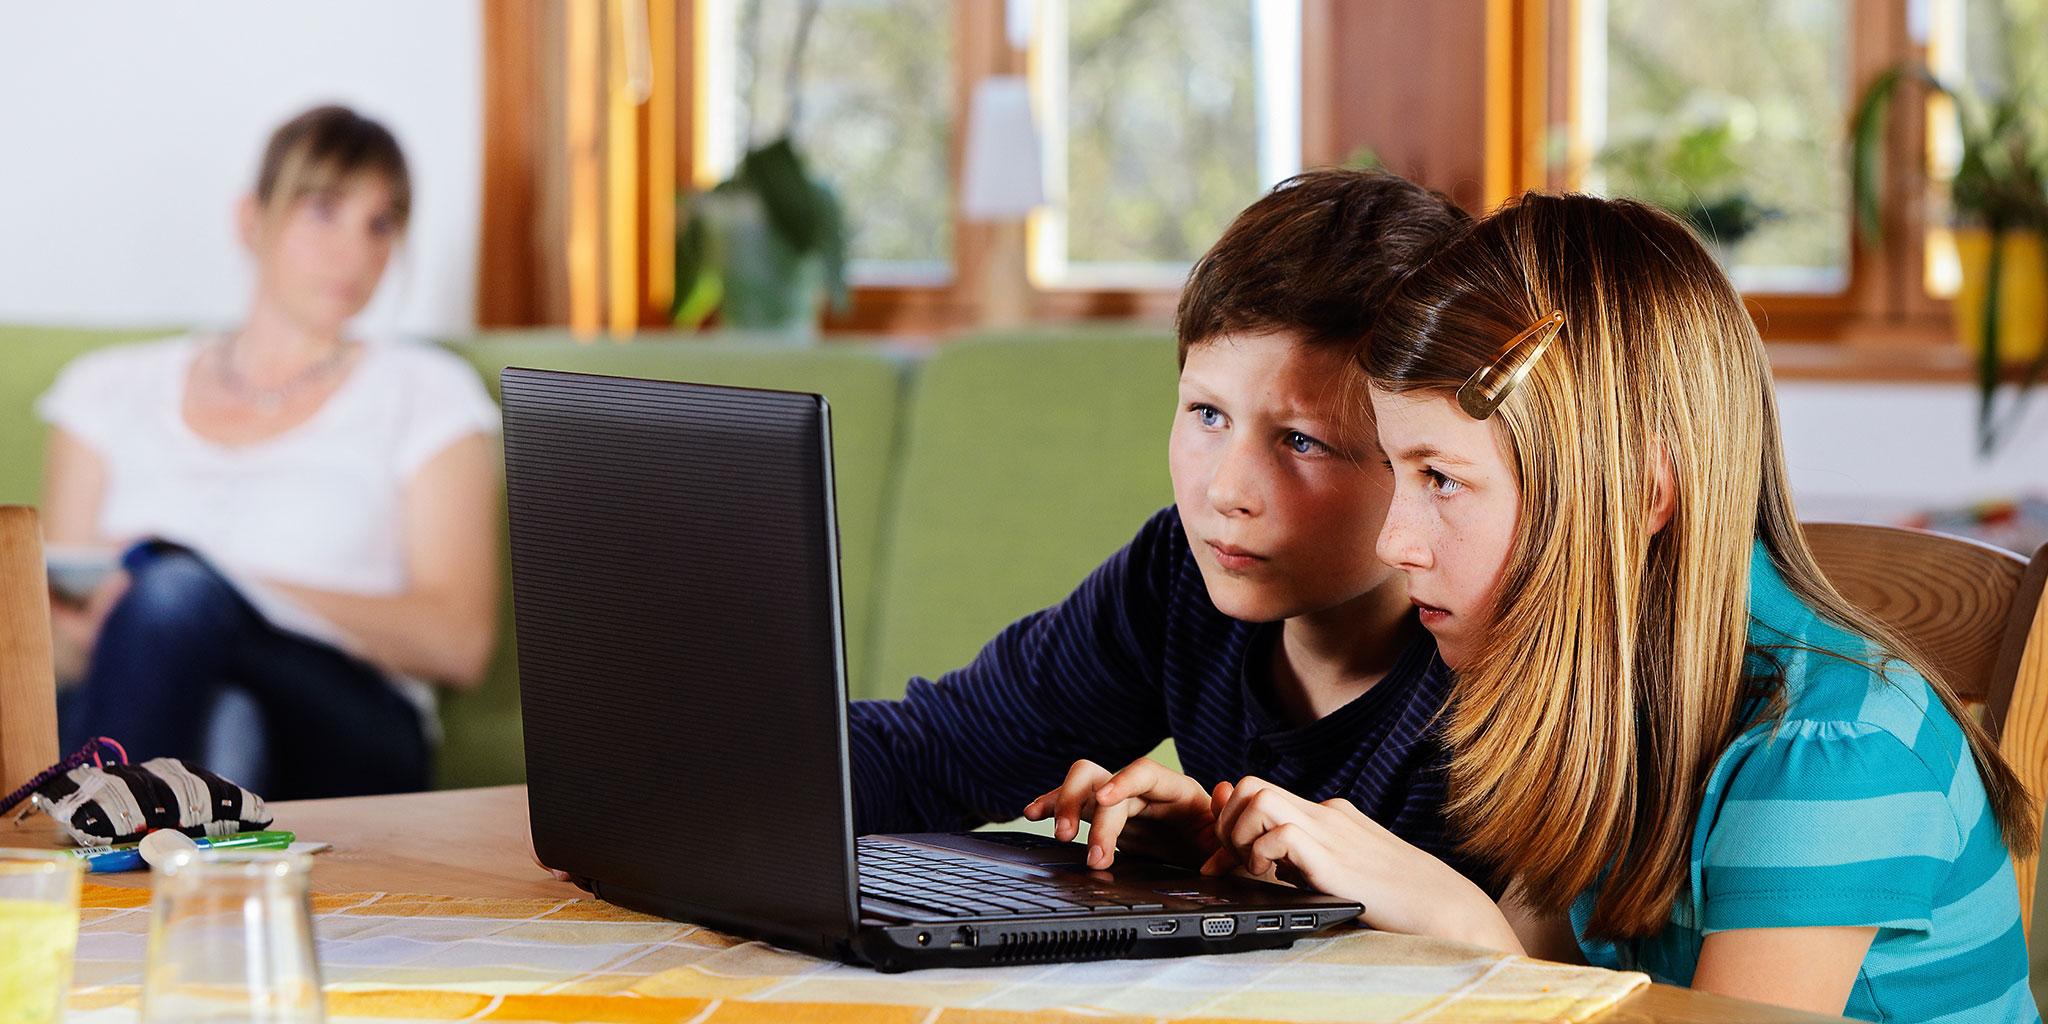 Deux enfants sur un ordinateur portable pendant que leur mère les regarde à l'arrière-plan.